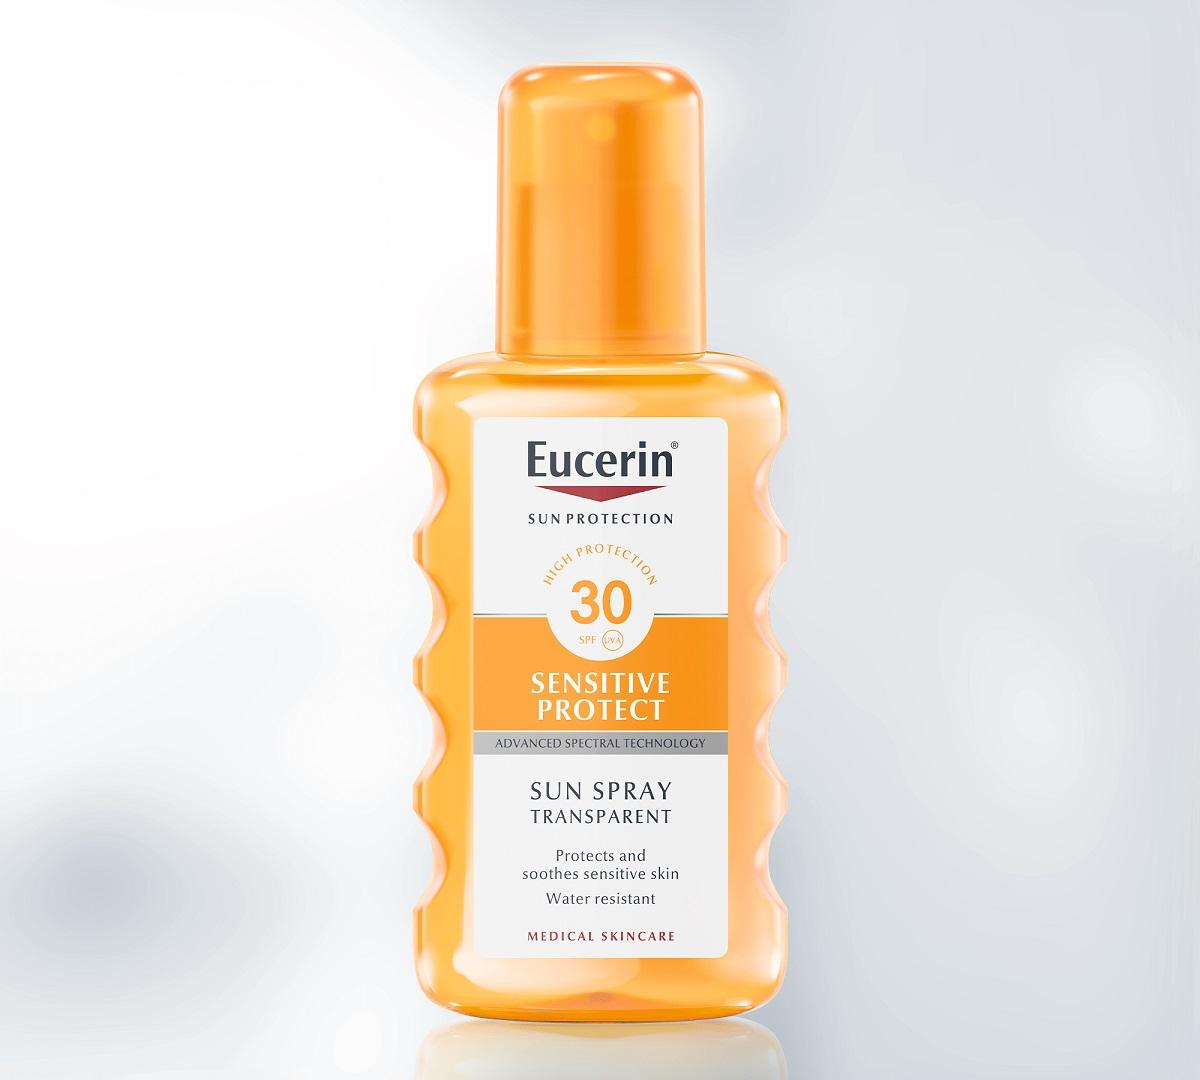 اسپری ضد آفتاب بی رنگ spf50 اوسرین Eucerin   فاقد چربی و ضد آب، مناسب پوست چرب و مستعد جوش